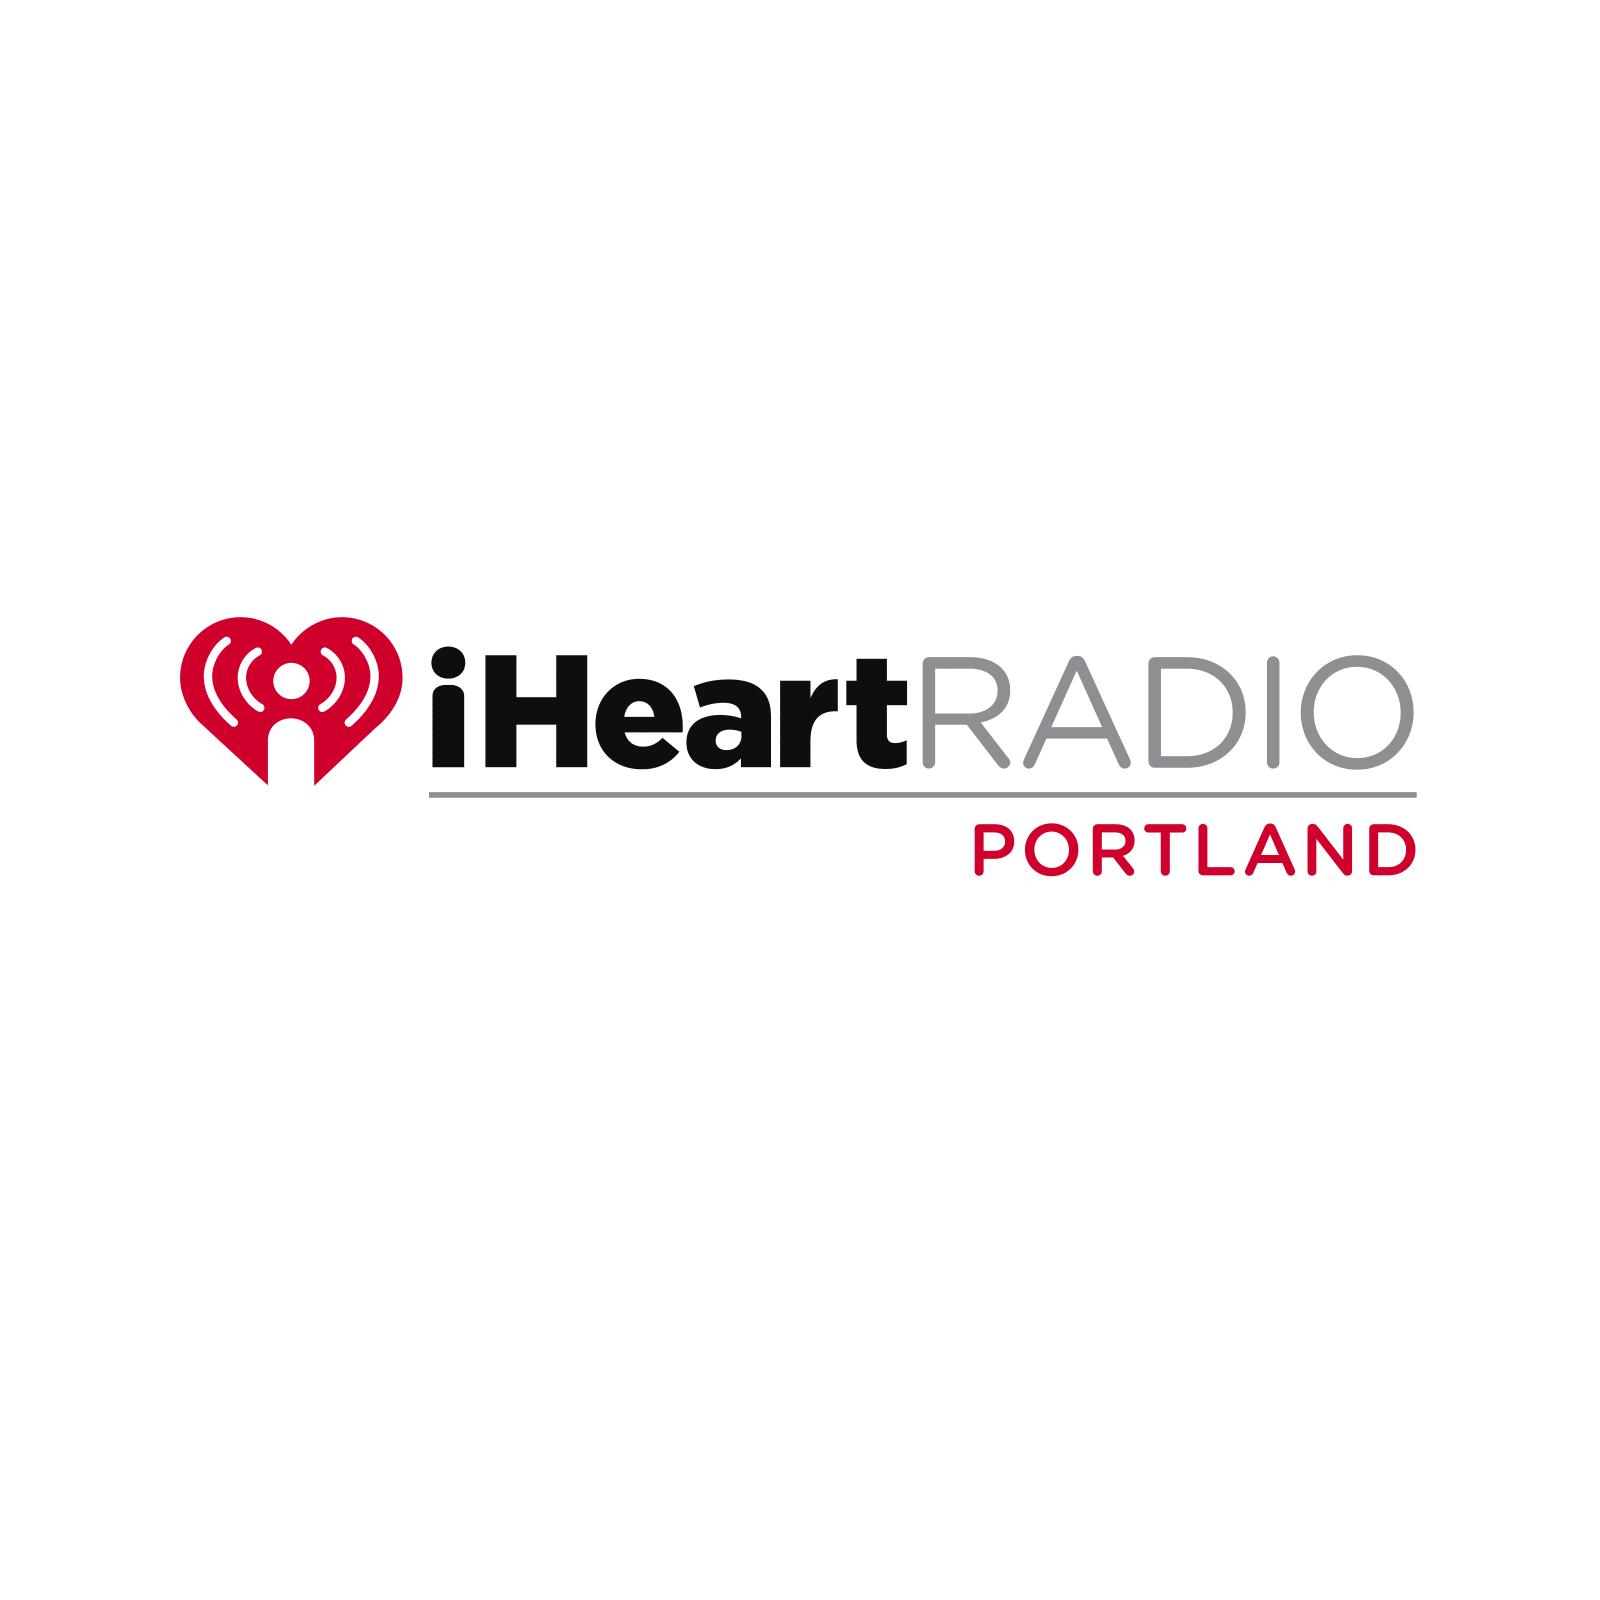 iHeartRadioPORTLAND-horizontal-1 2.png